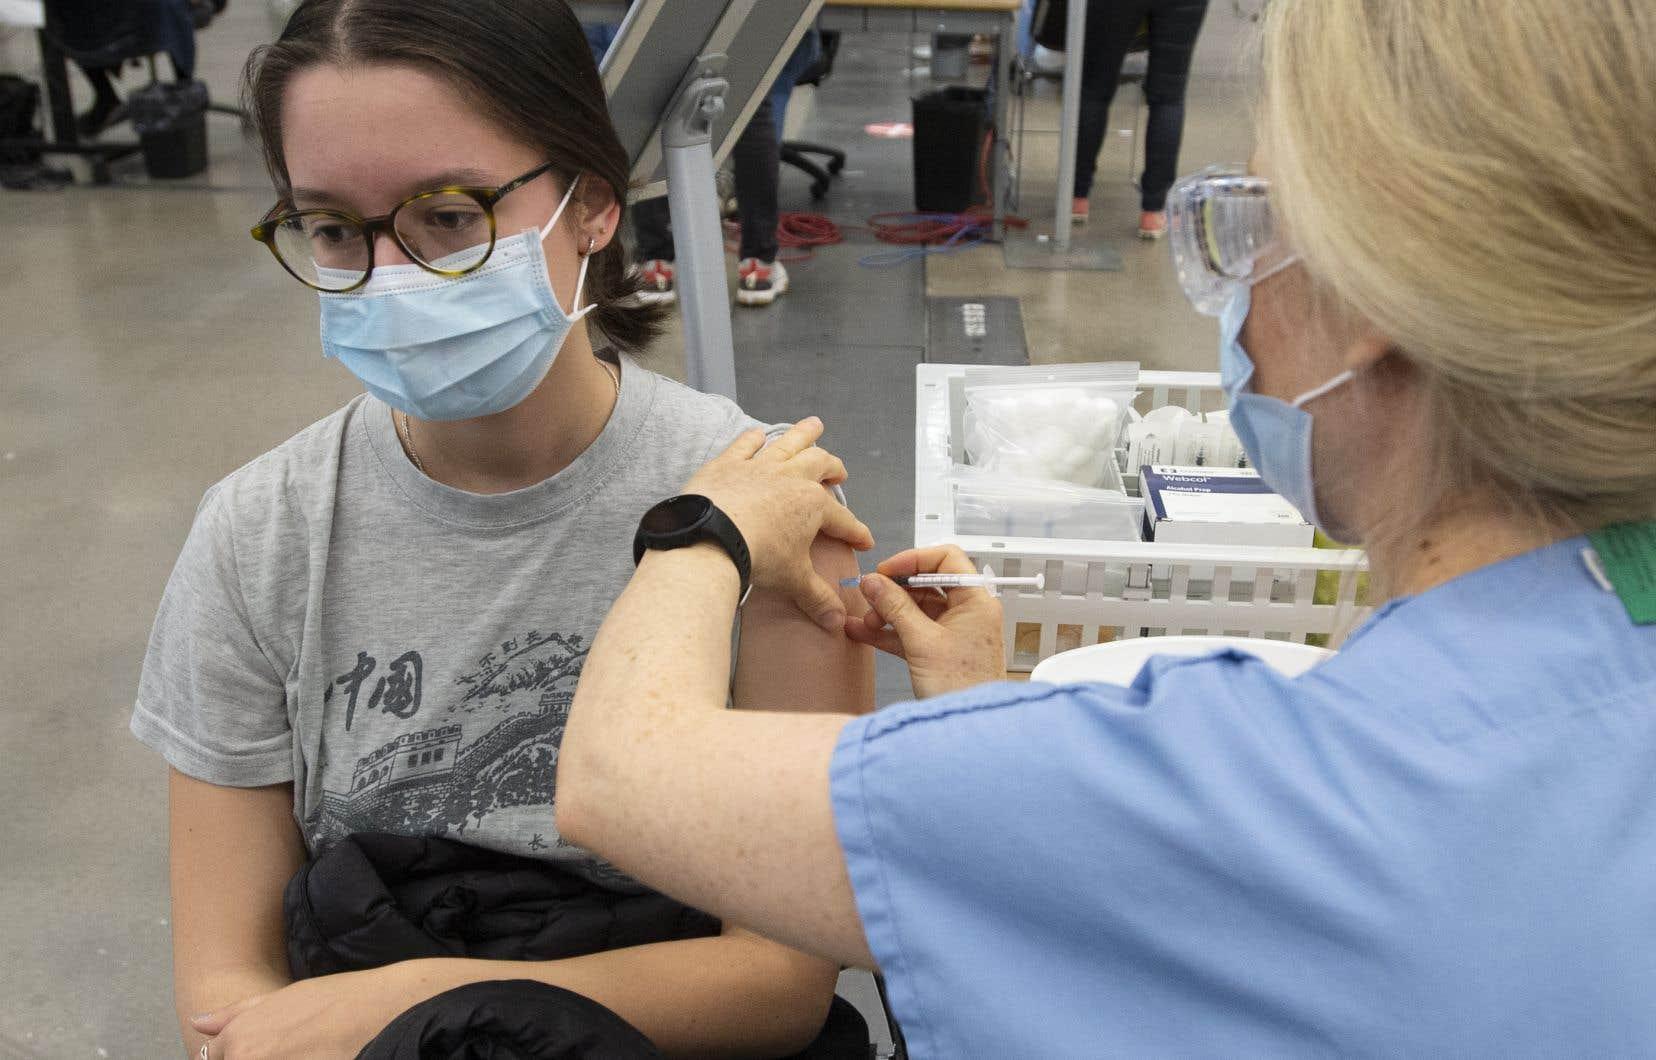 Le ministre Christian Dubé est sorti des sentiers battus durant la semaine — tantôt à Narcity, tantôt à Mtl Blog — pour inciter les jeunes à prendre rendez-vous pour recevoir leur première dose du vaccin contre la COVID-19 à la première occasion.